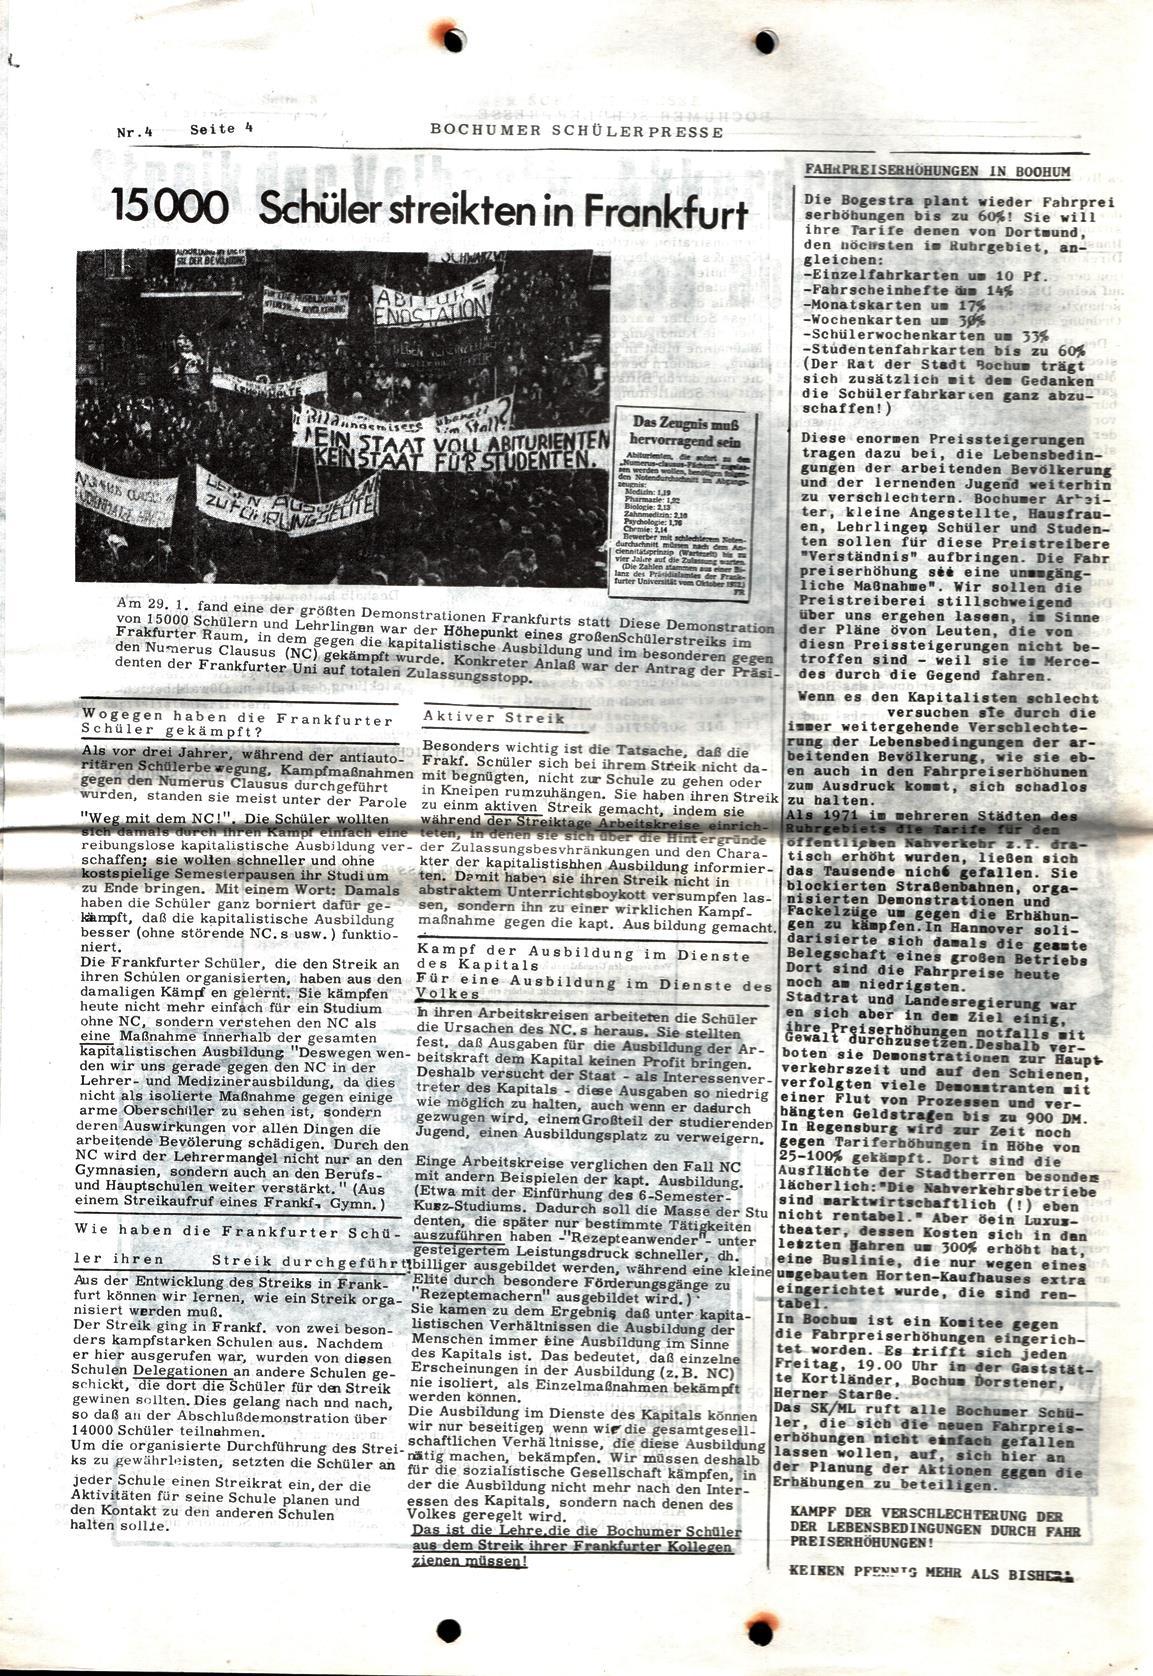 Bochumer_Schuelerpresse_19730200_004